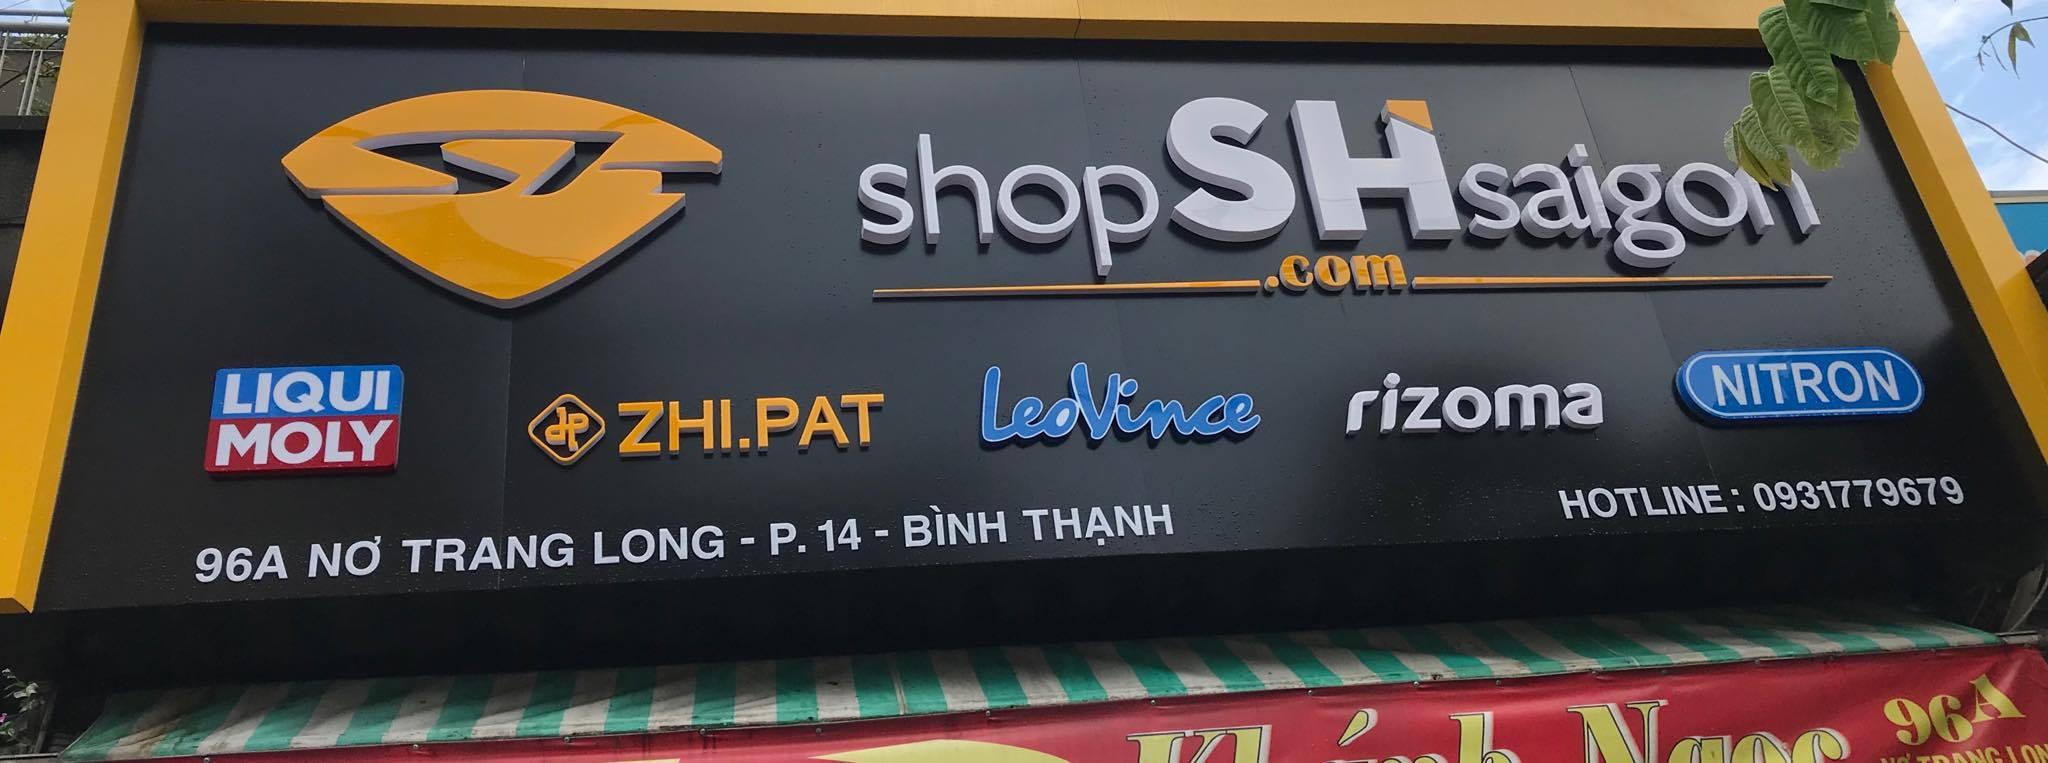 shopshsaigon.com 121 - SH Độ Cực Độc Theo Phong Cách Ferrari Ở Sài Gòn